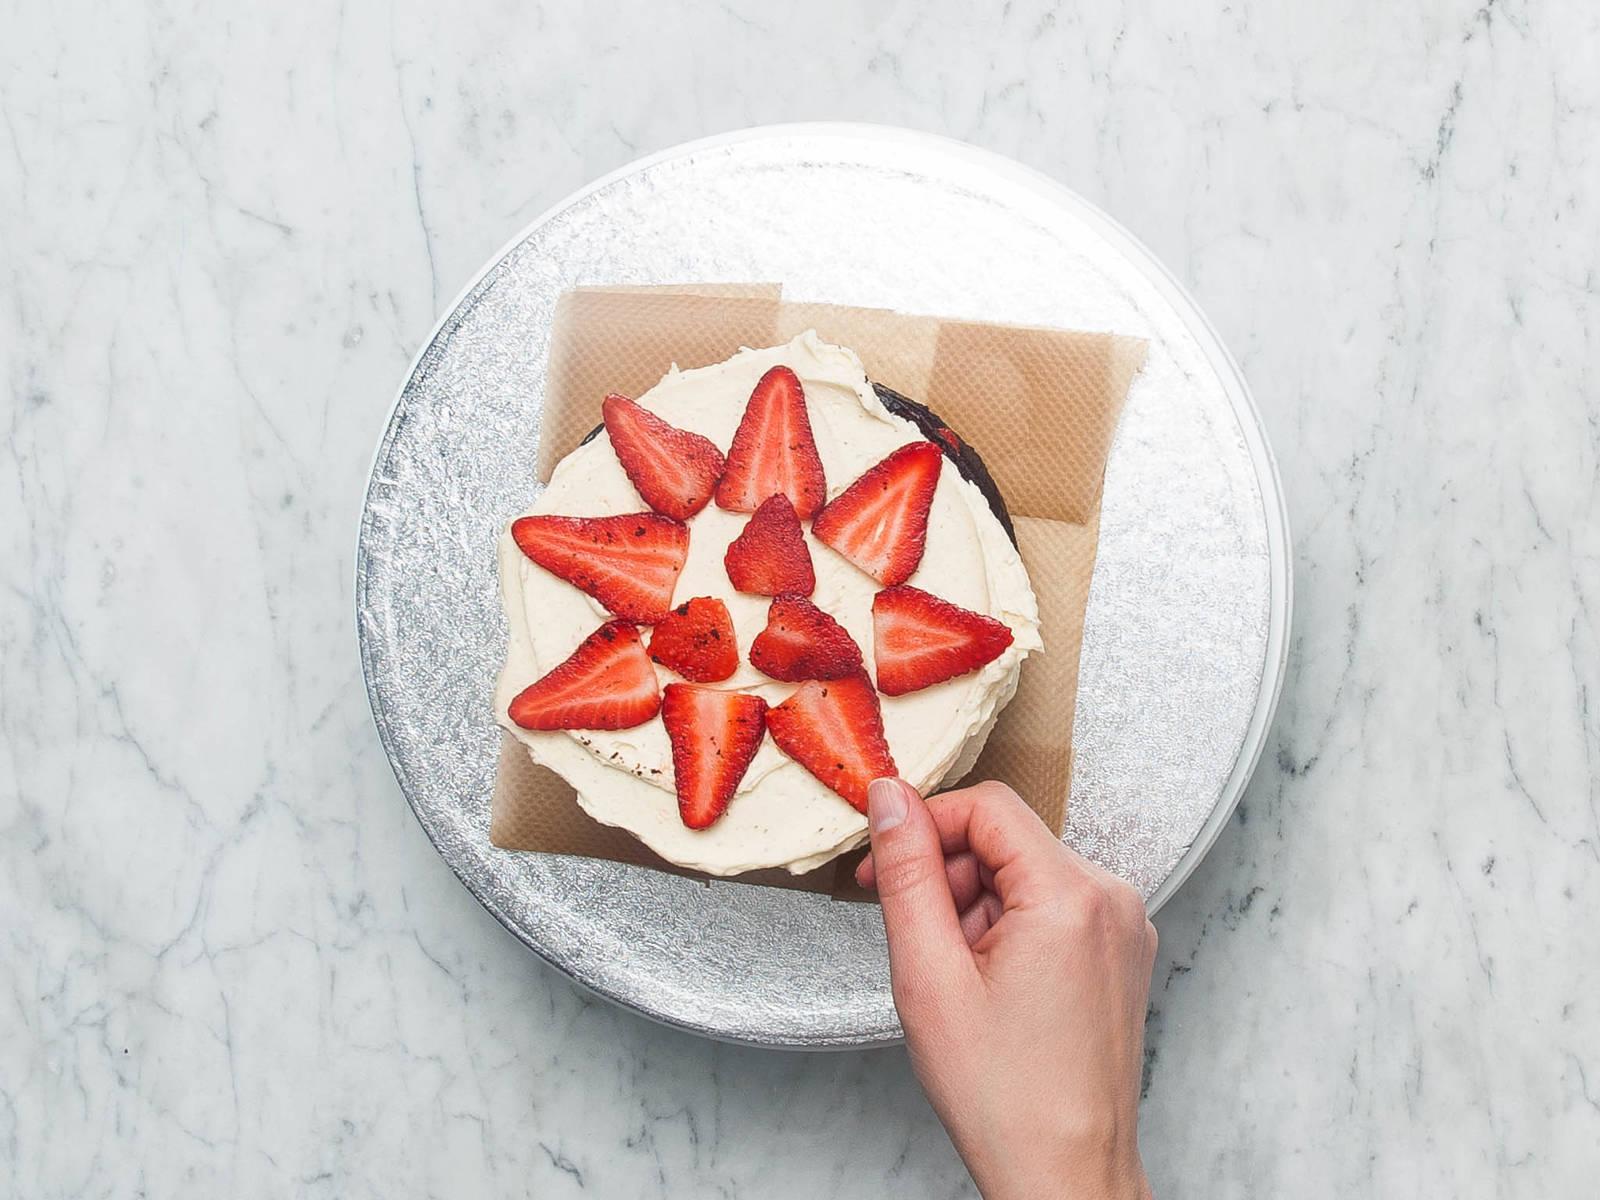 如有需要,可用锯齿刀将蛋糕顶部稍微切去,使其平整。将一层蛋糕放到盘子中,均匀地将些许奶油糖霜抹上去。放上一层草莓,然后盖上第二层蛋糕。重复操作,最后放上第三层蛋糕。冷藏15-30分钟,或直至蛋糕冰凉且结实。